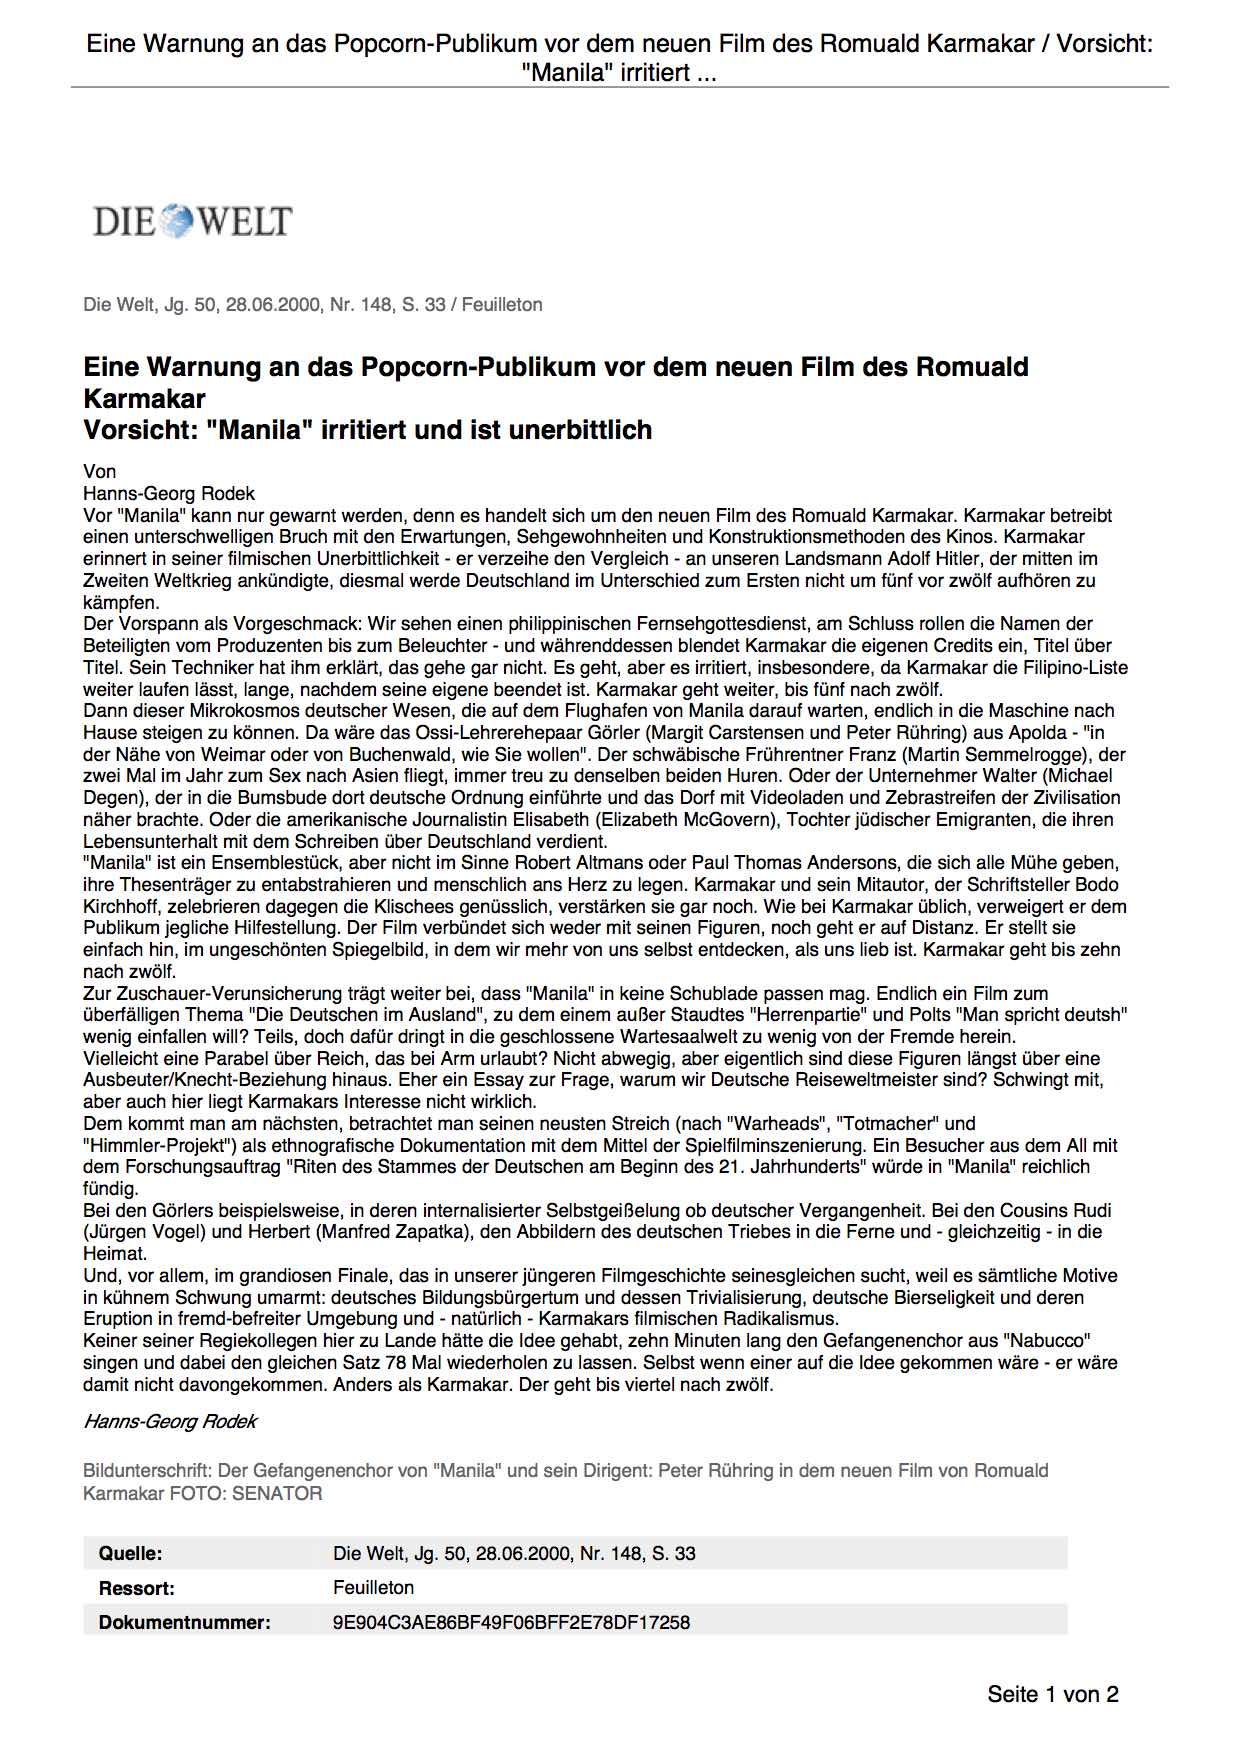 Eine Warnung an das Popcorn-Publikum vor dem neuen Film des Romuald Karmakar